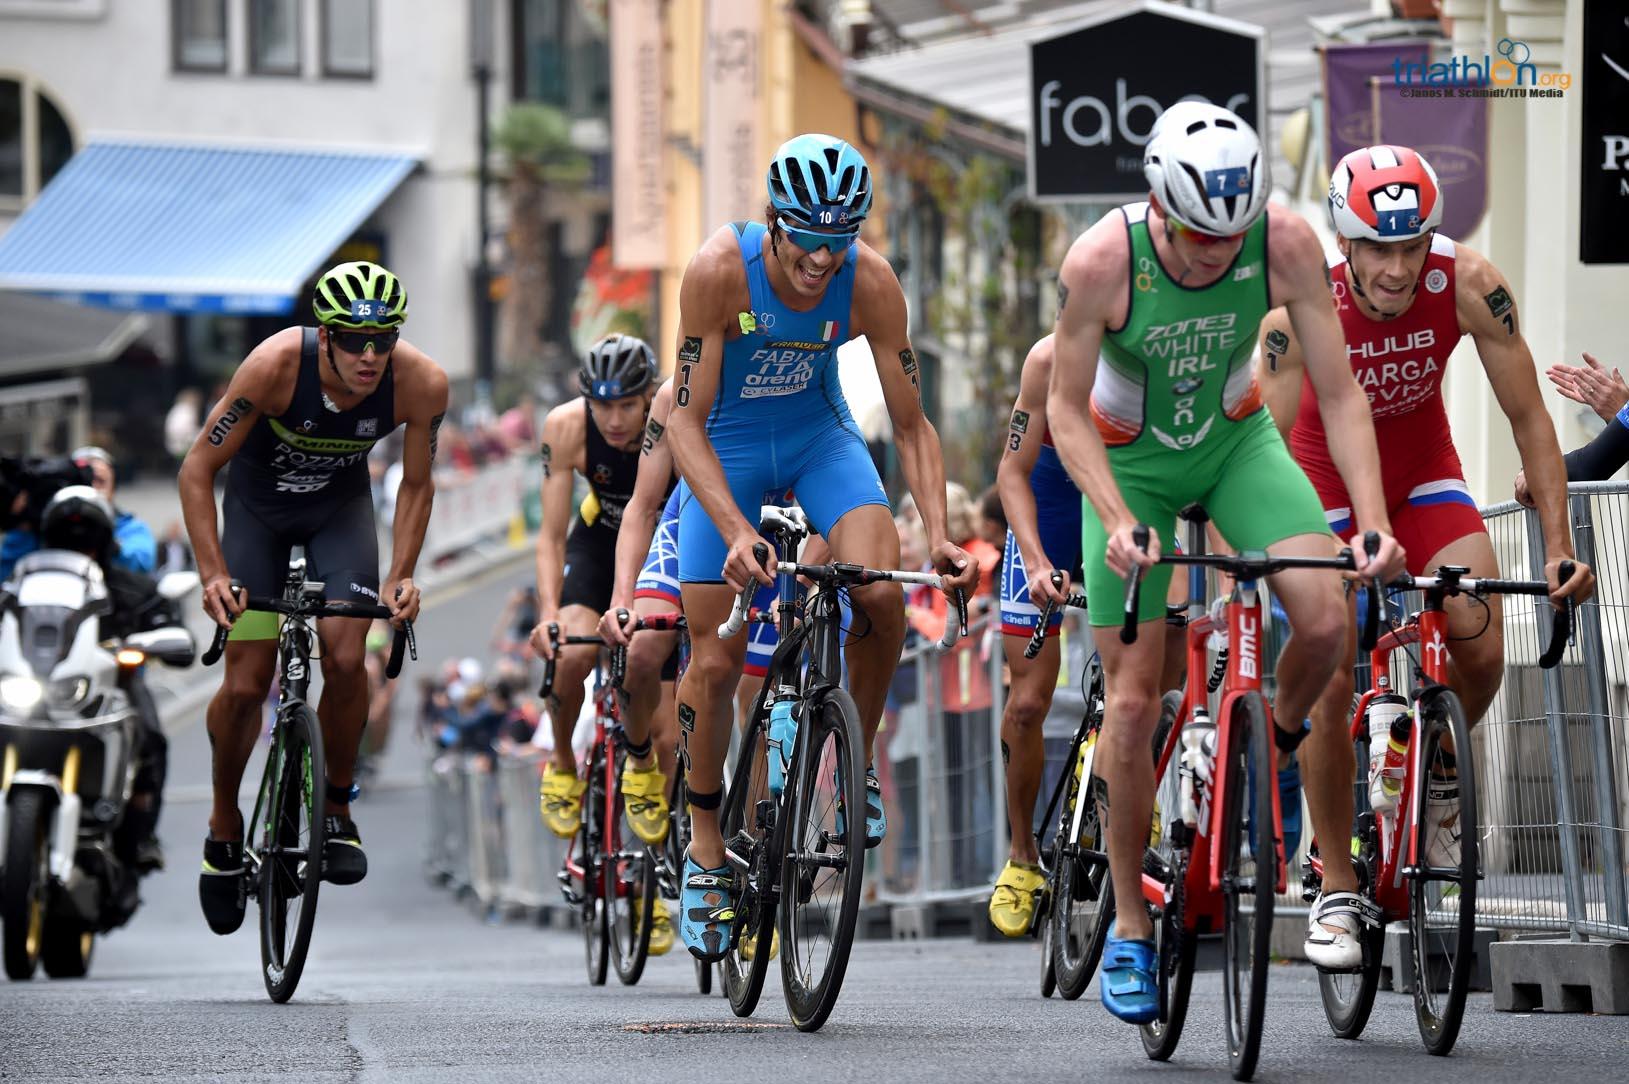 Che emozione rivedere l'azzurro Alessandro Fabian sul podio. E' successo a Karlovy Vary (Repubblica Ceca) nella tappa di ITU Triathlon World Cup domenica 2 settembre 2018 (Foto ©ITU Media / Janos Schmidt)